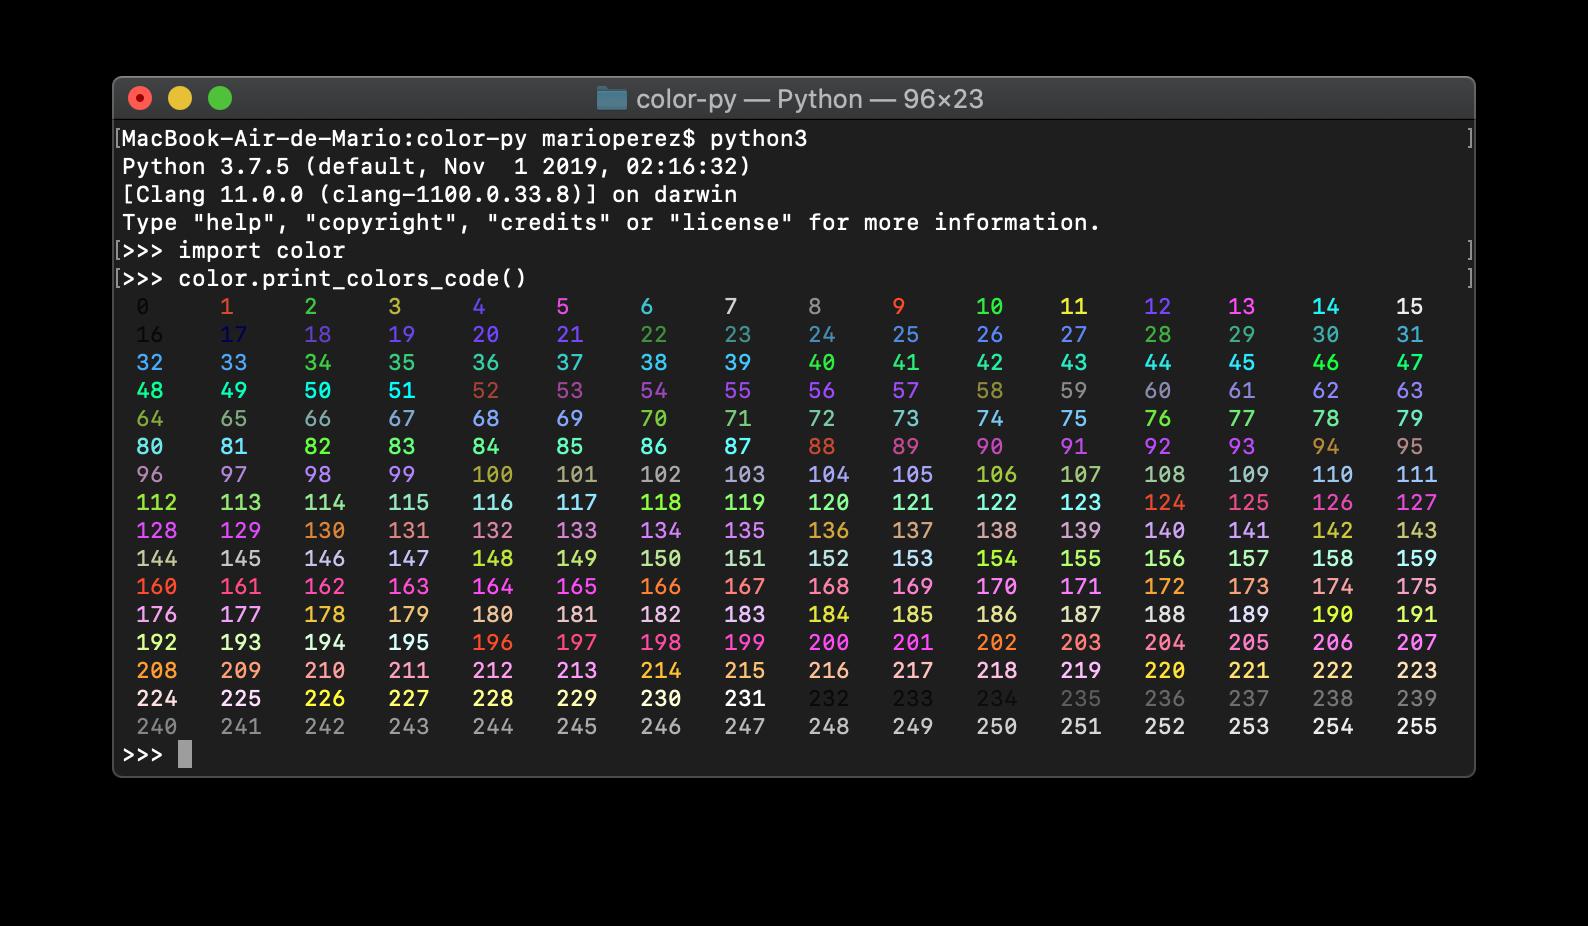 Imprimir los 256 colores en Python